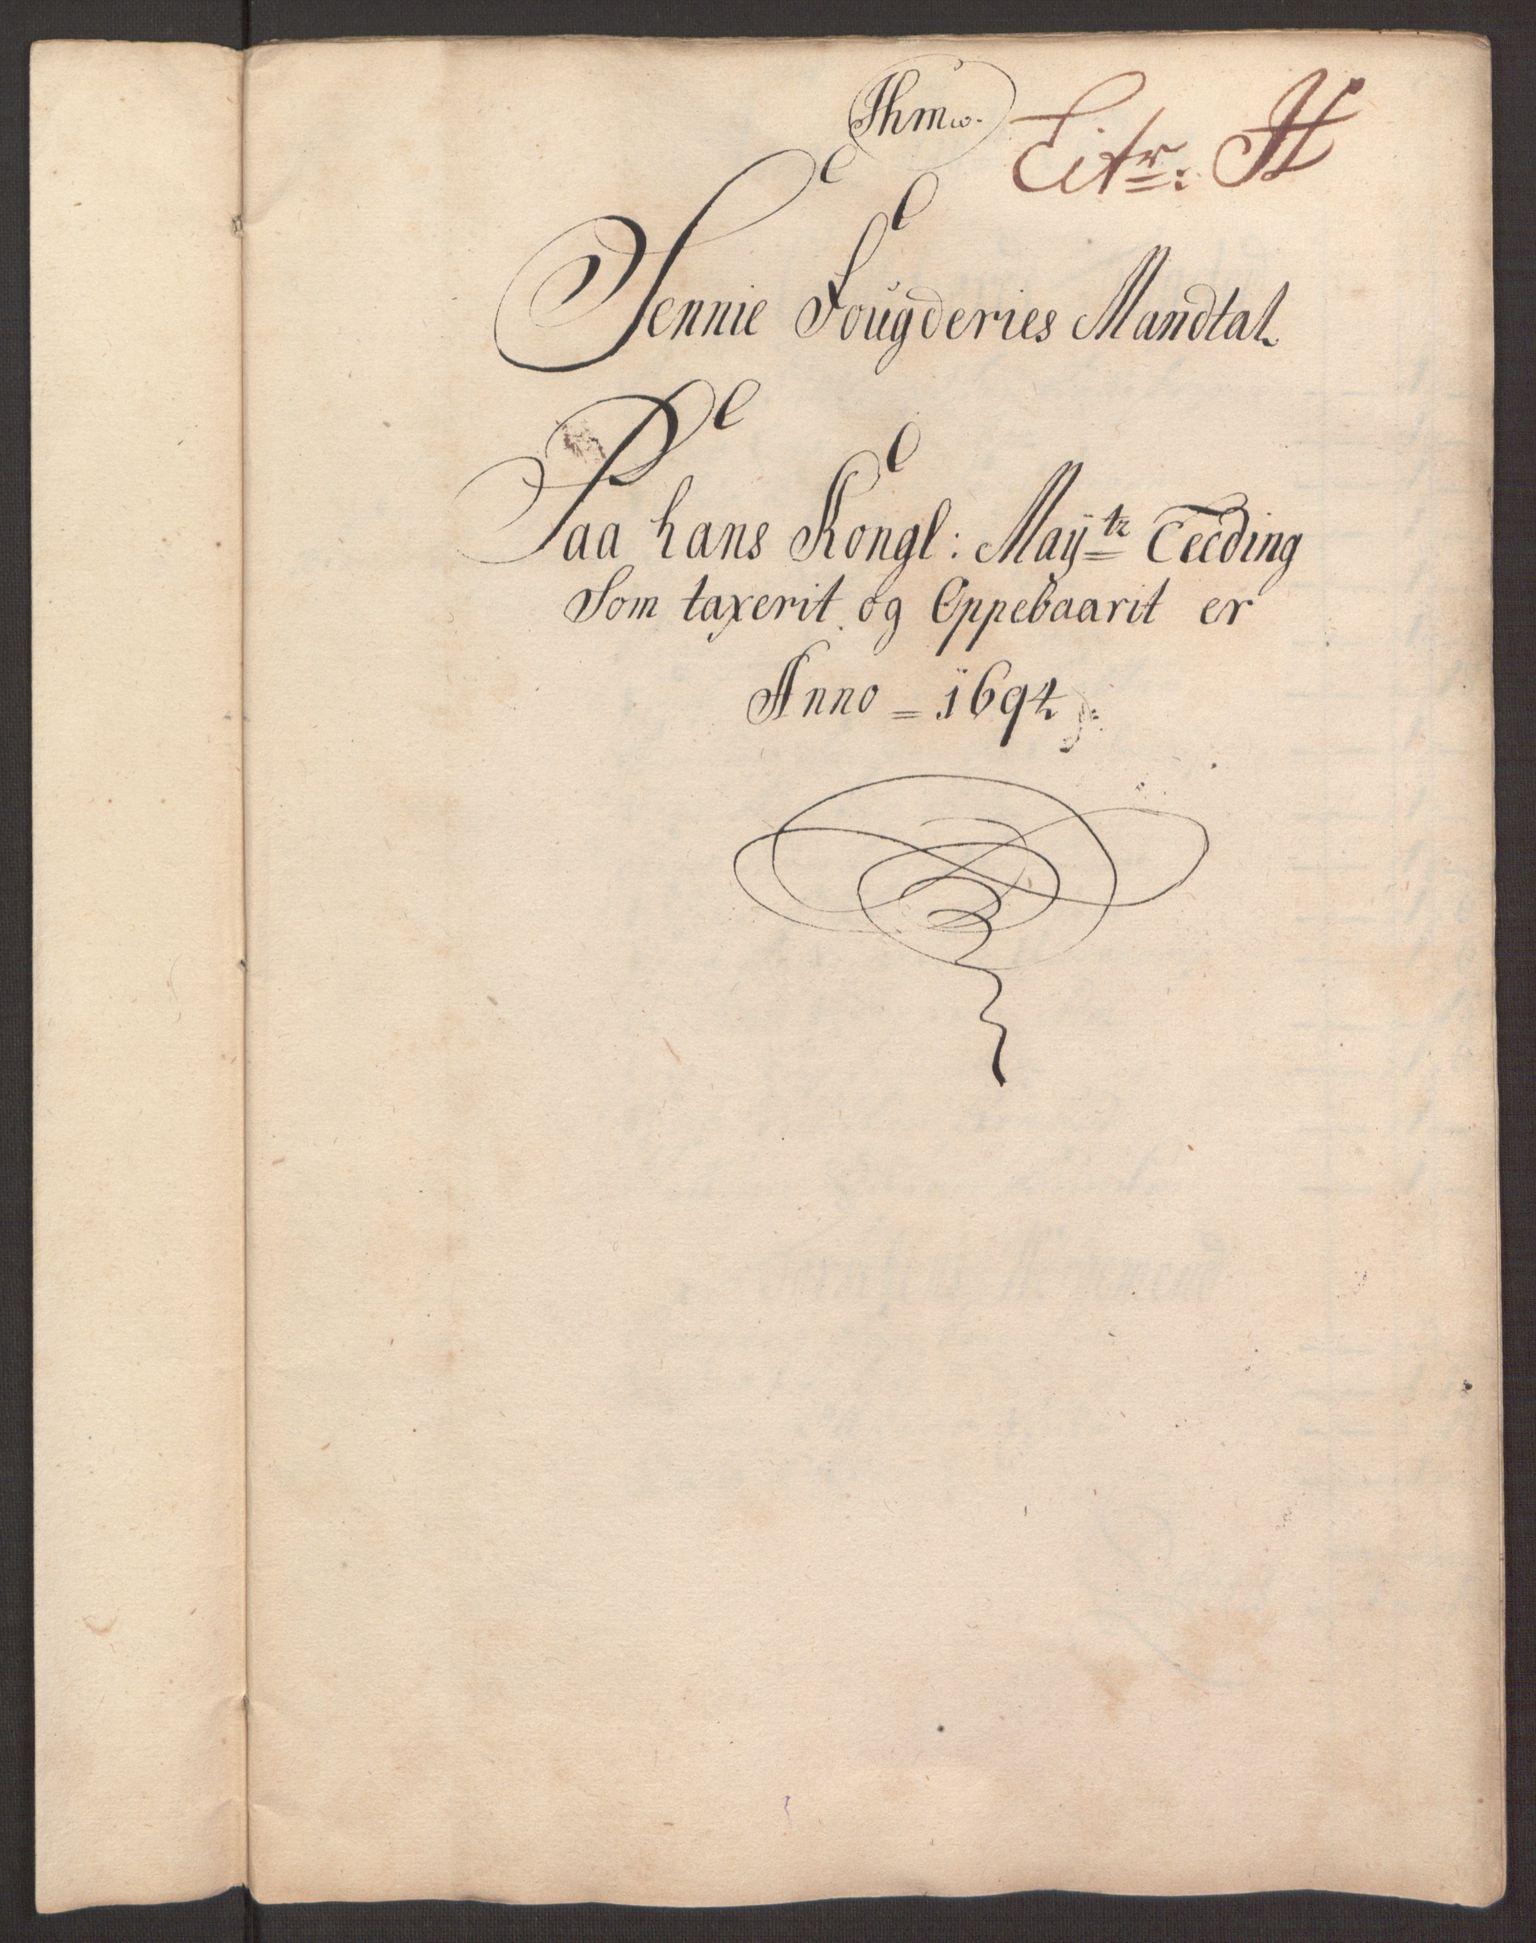 RA, Rentekammeret inntil 1814, Reviderte regnskaper, Fogderegnskap, R68/L4753: Fogderegnskap Senja og Troms, 1694-1696, s. 100